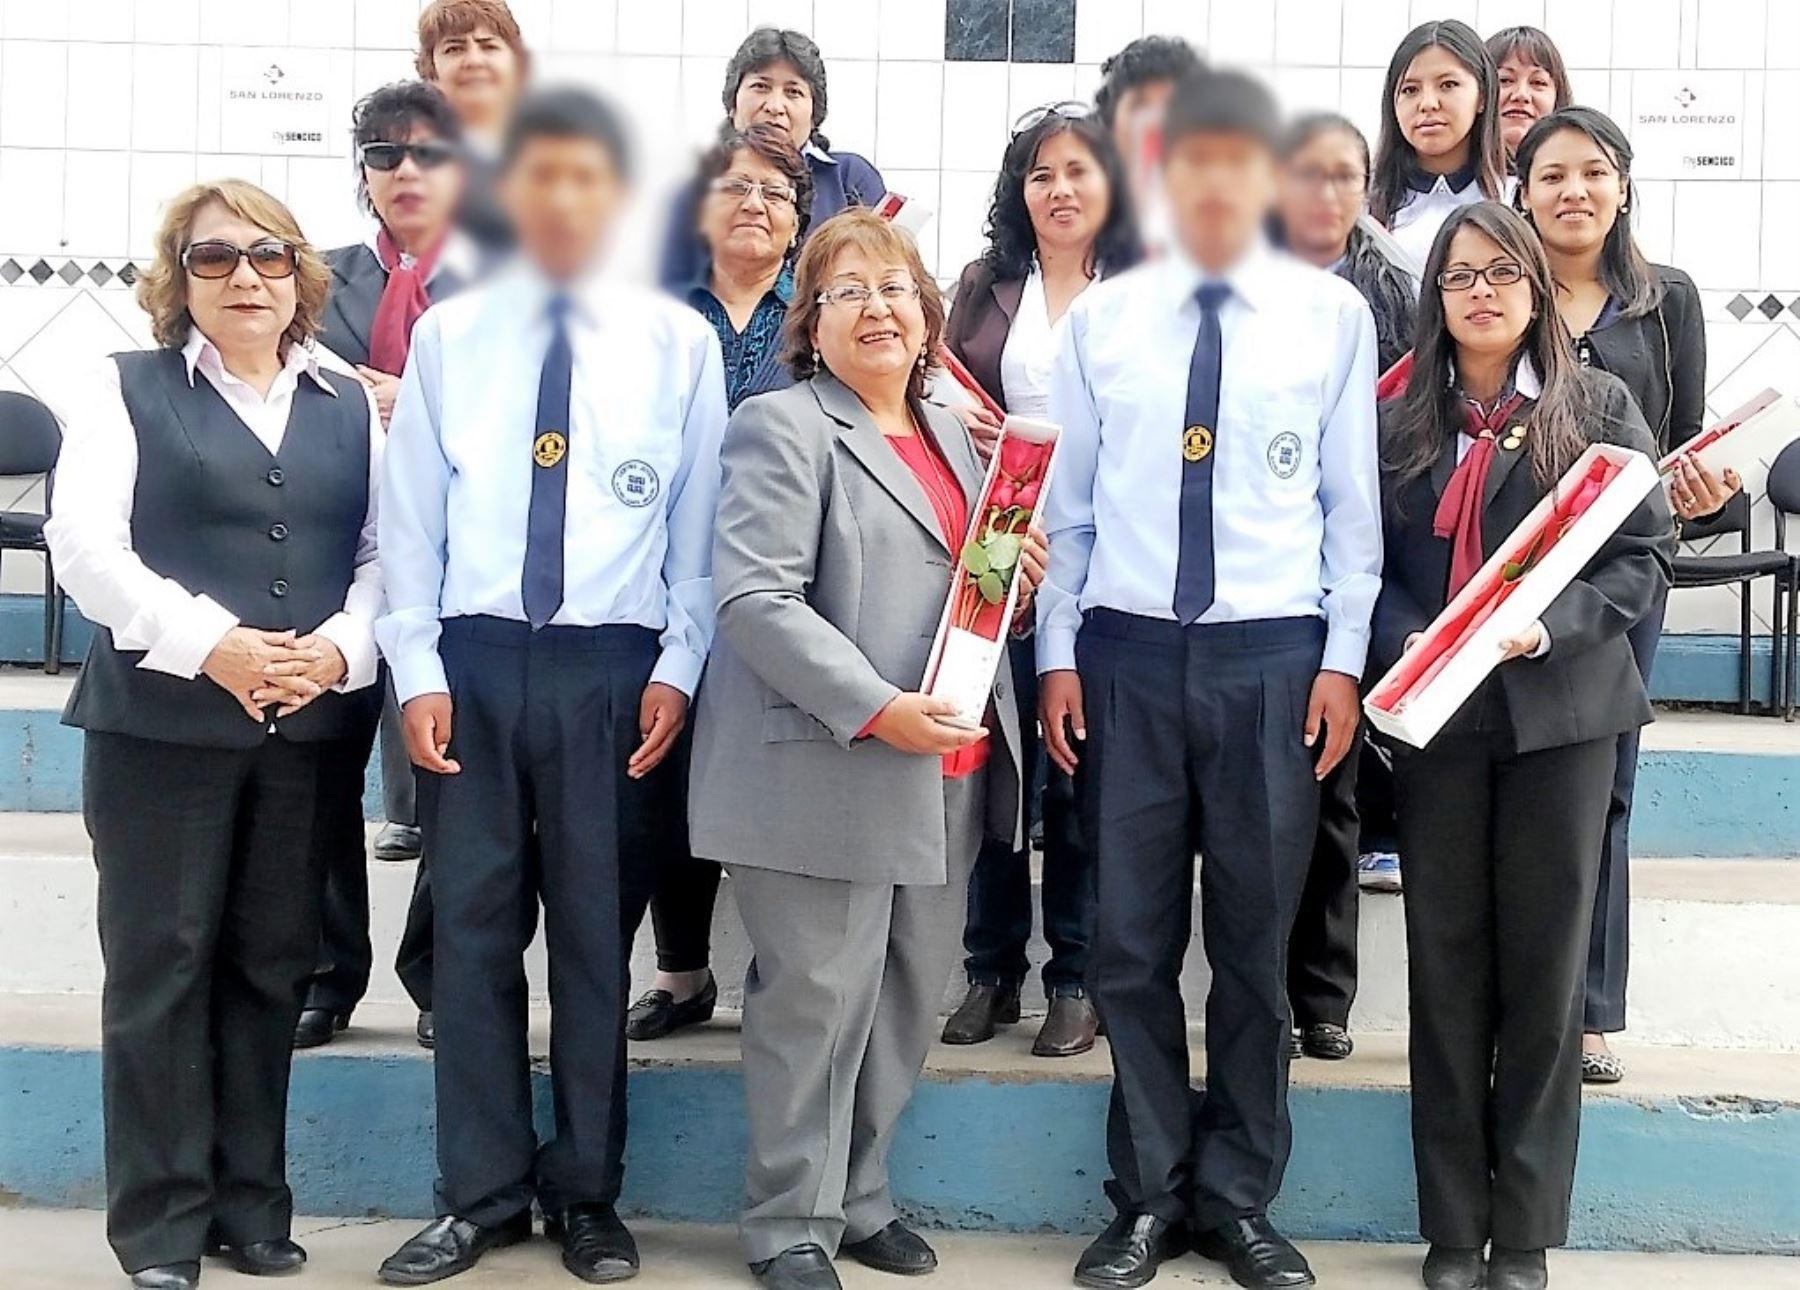 Dos adolescentes infractores ingresan a universidad San Agustín de Arequipa.